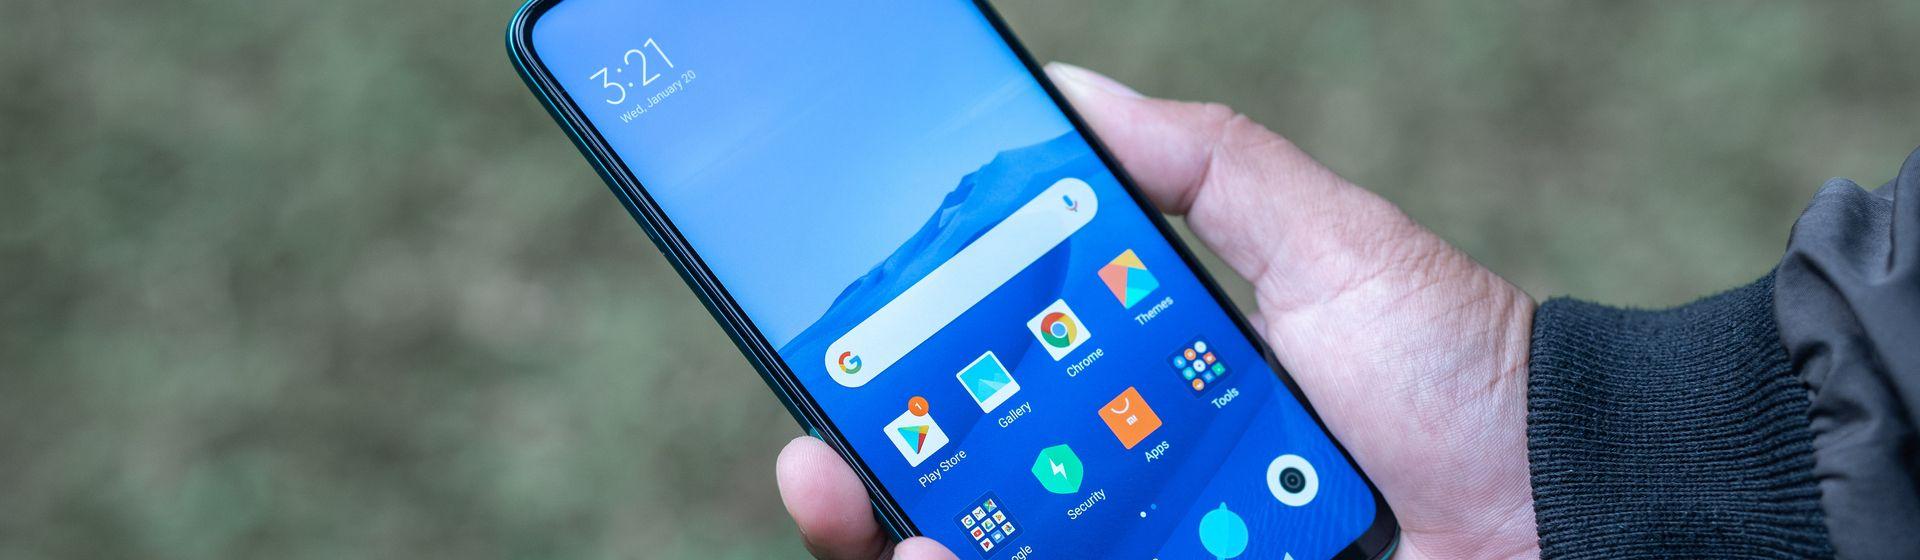 Celulares mais vendidos em julho de 2020: Redmi Note 8 lidera ranking